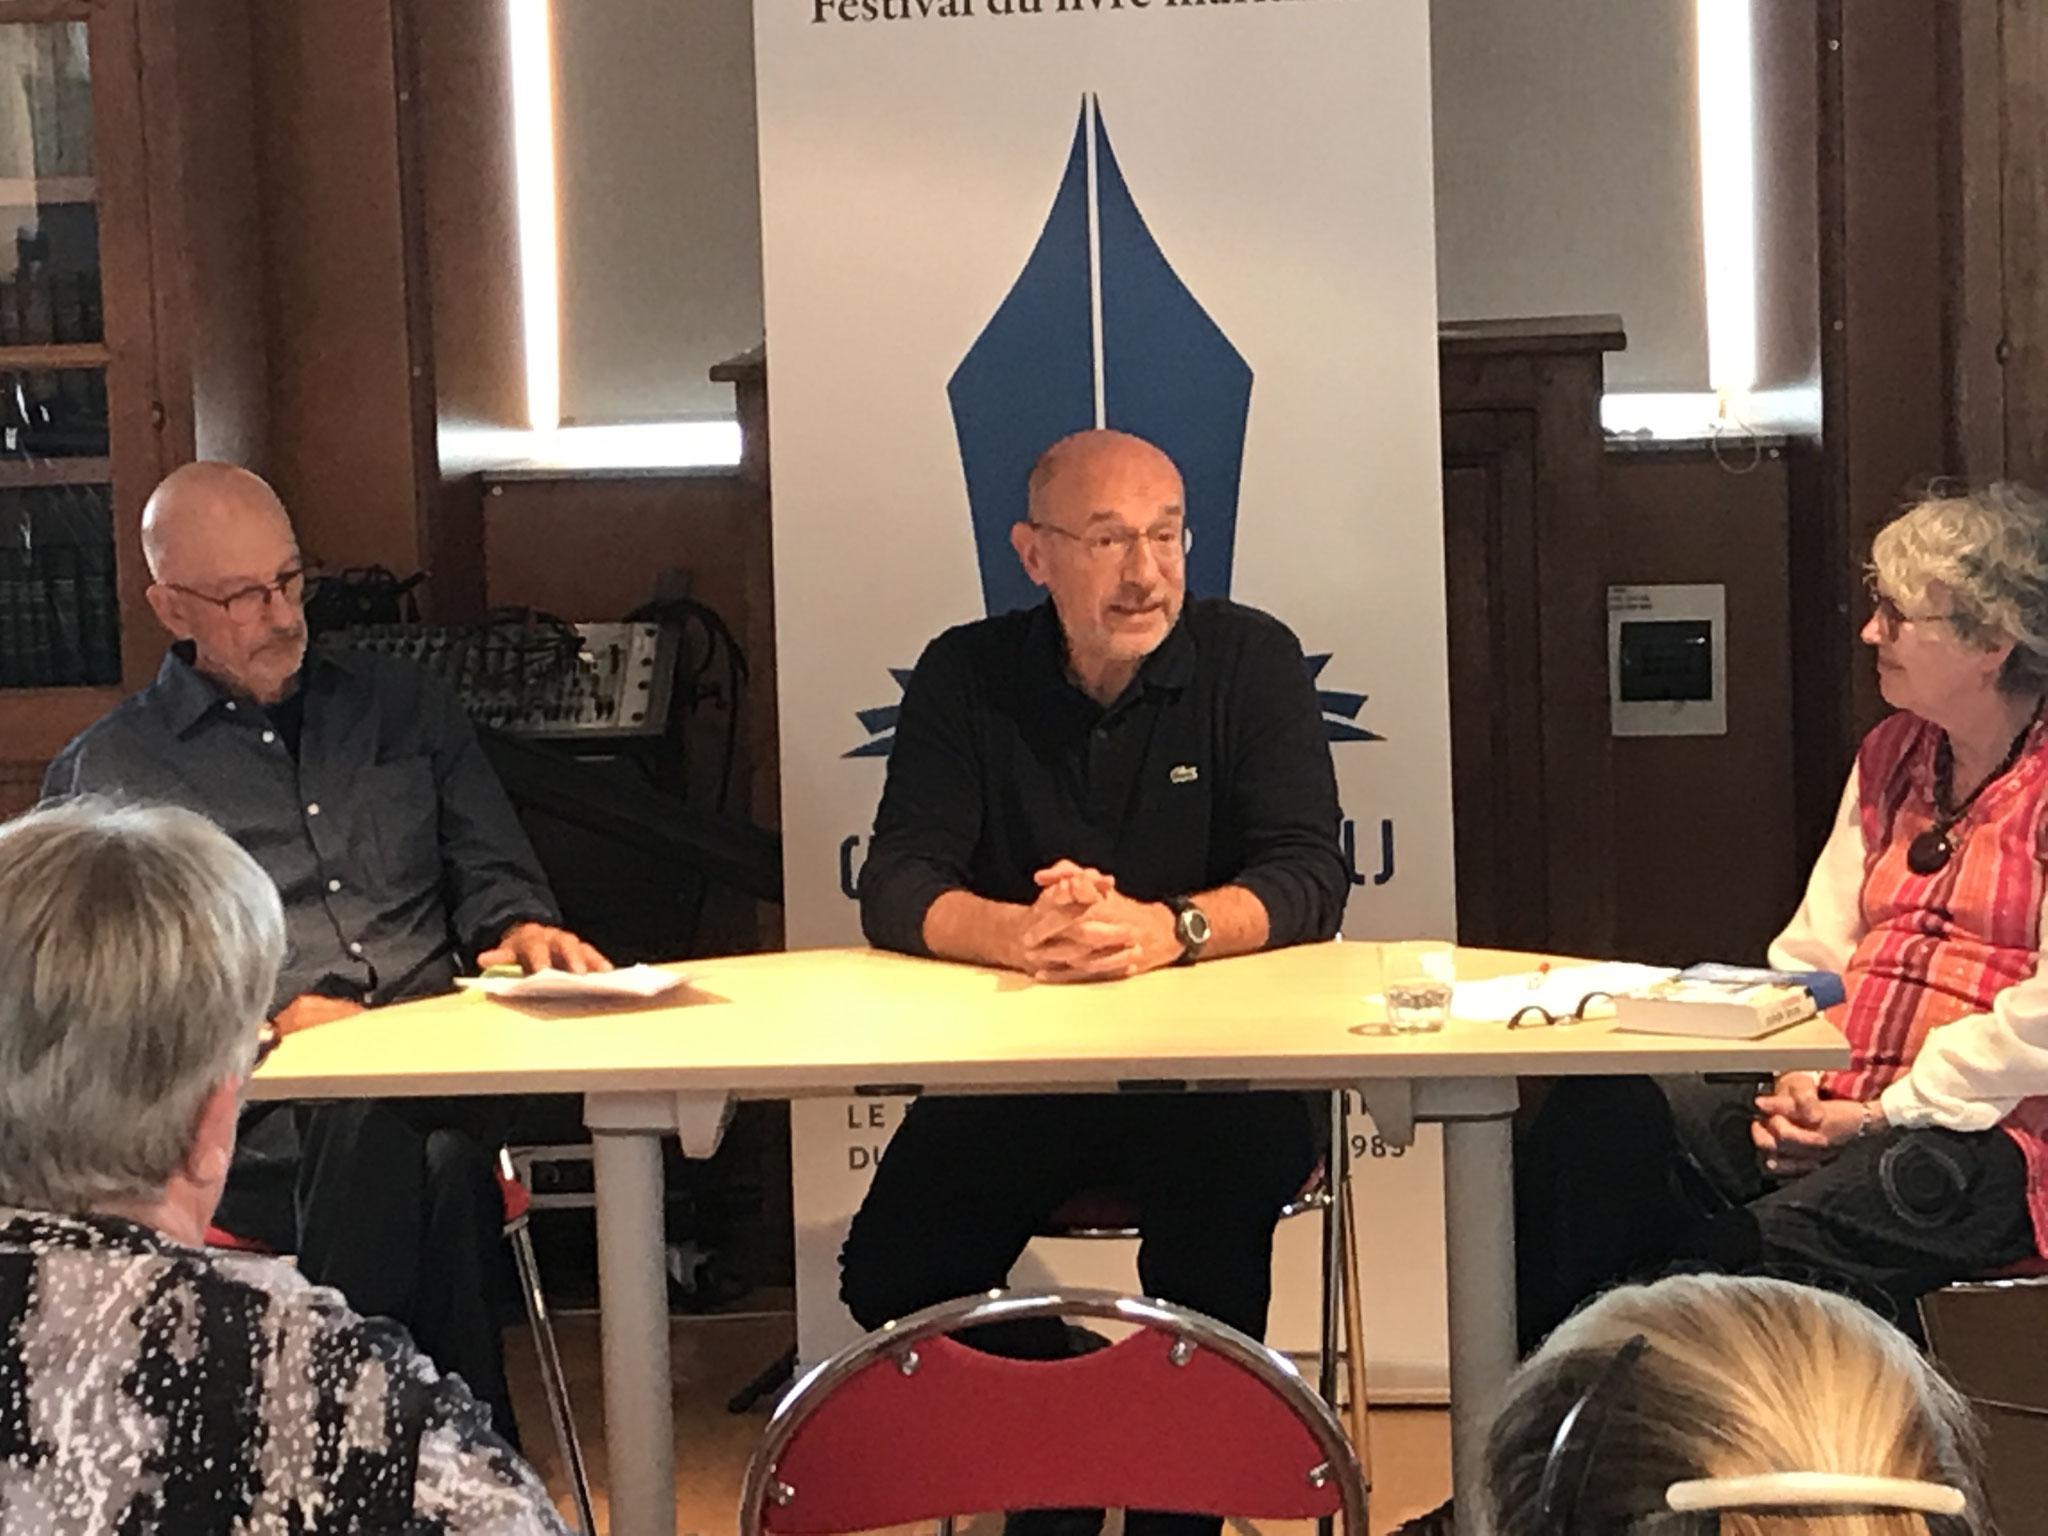 Gilbert Le Bras, Michel Moutot & Dominique Dieterlé